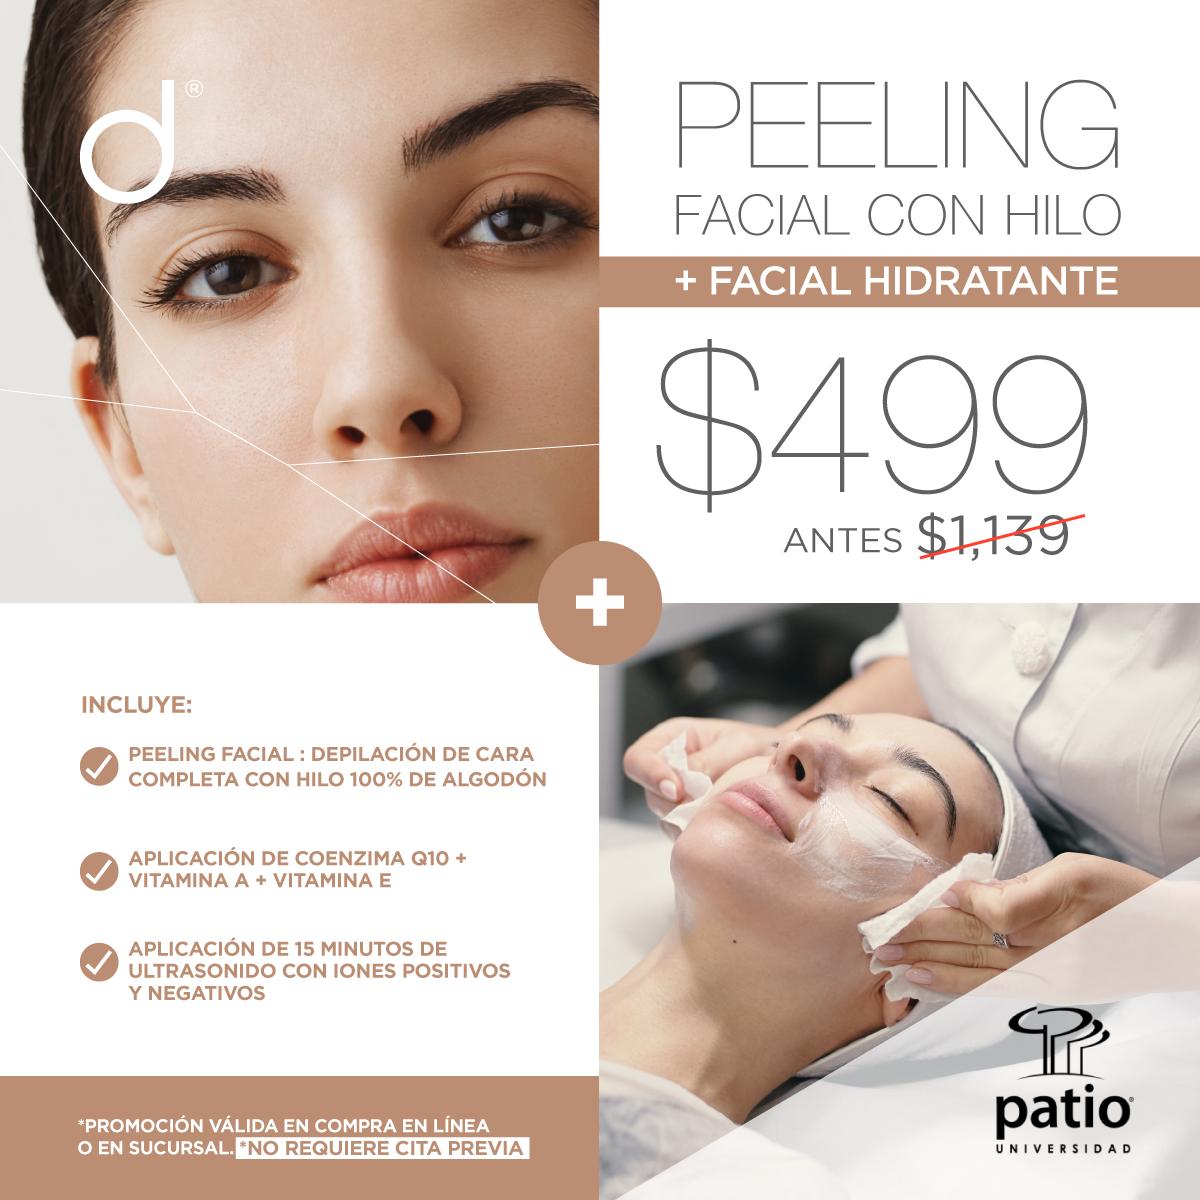 Peeling Facial con Hilo + Facial Hidratante - SÓLO PATIO UNIVERSIDAD&w=900&h=900&fit=crop